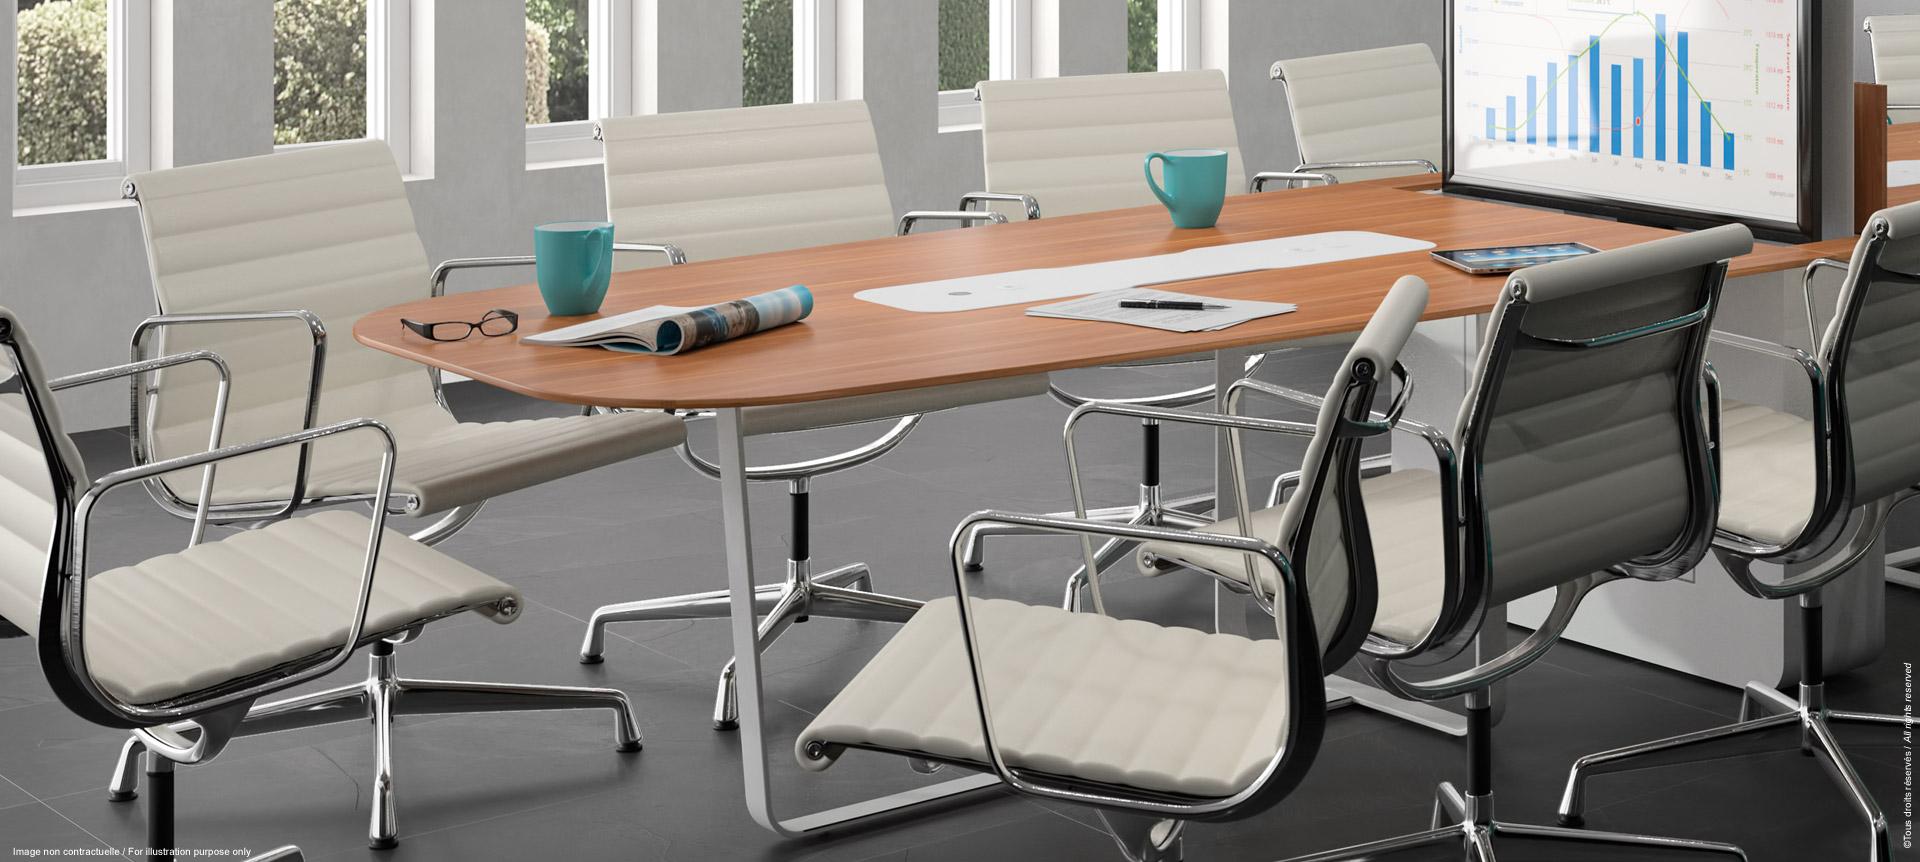 WEMEET MIXED - table de réunion multimédia polyvalente avec écran rétractable